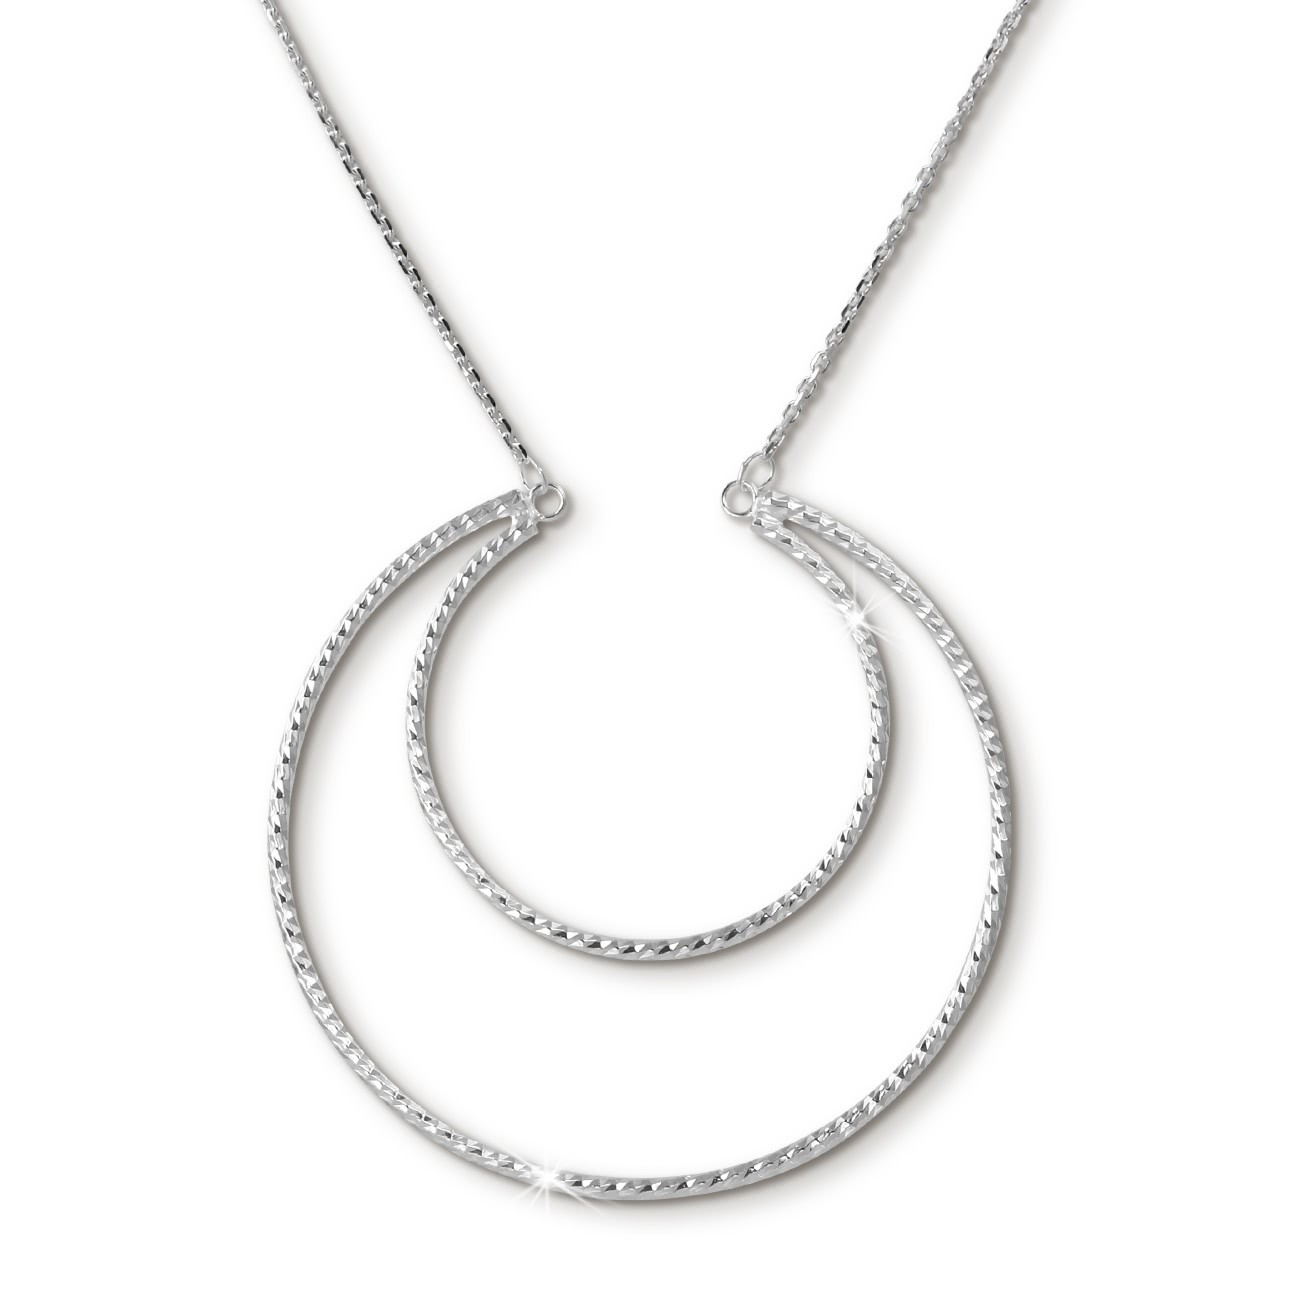 SilberDream Halskette mit Anhänger Doppel-Creole, 42cm 925er Silber SDK28142J